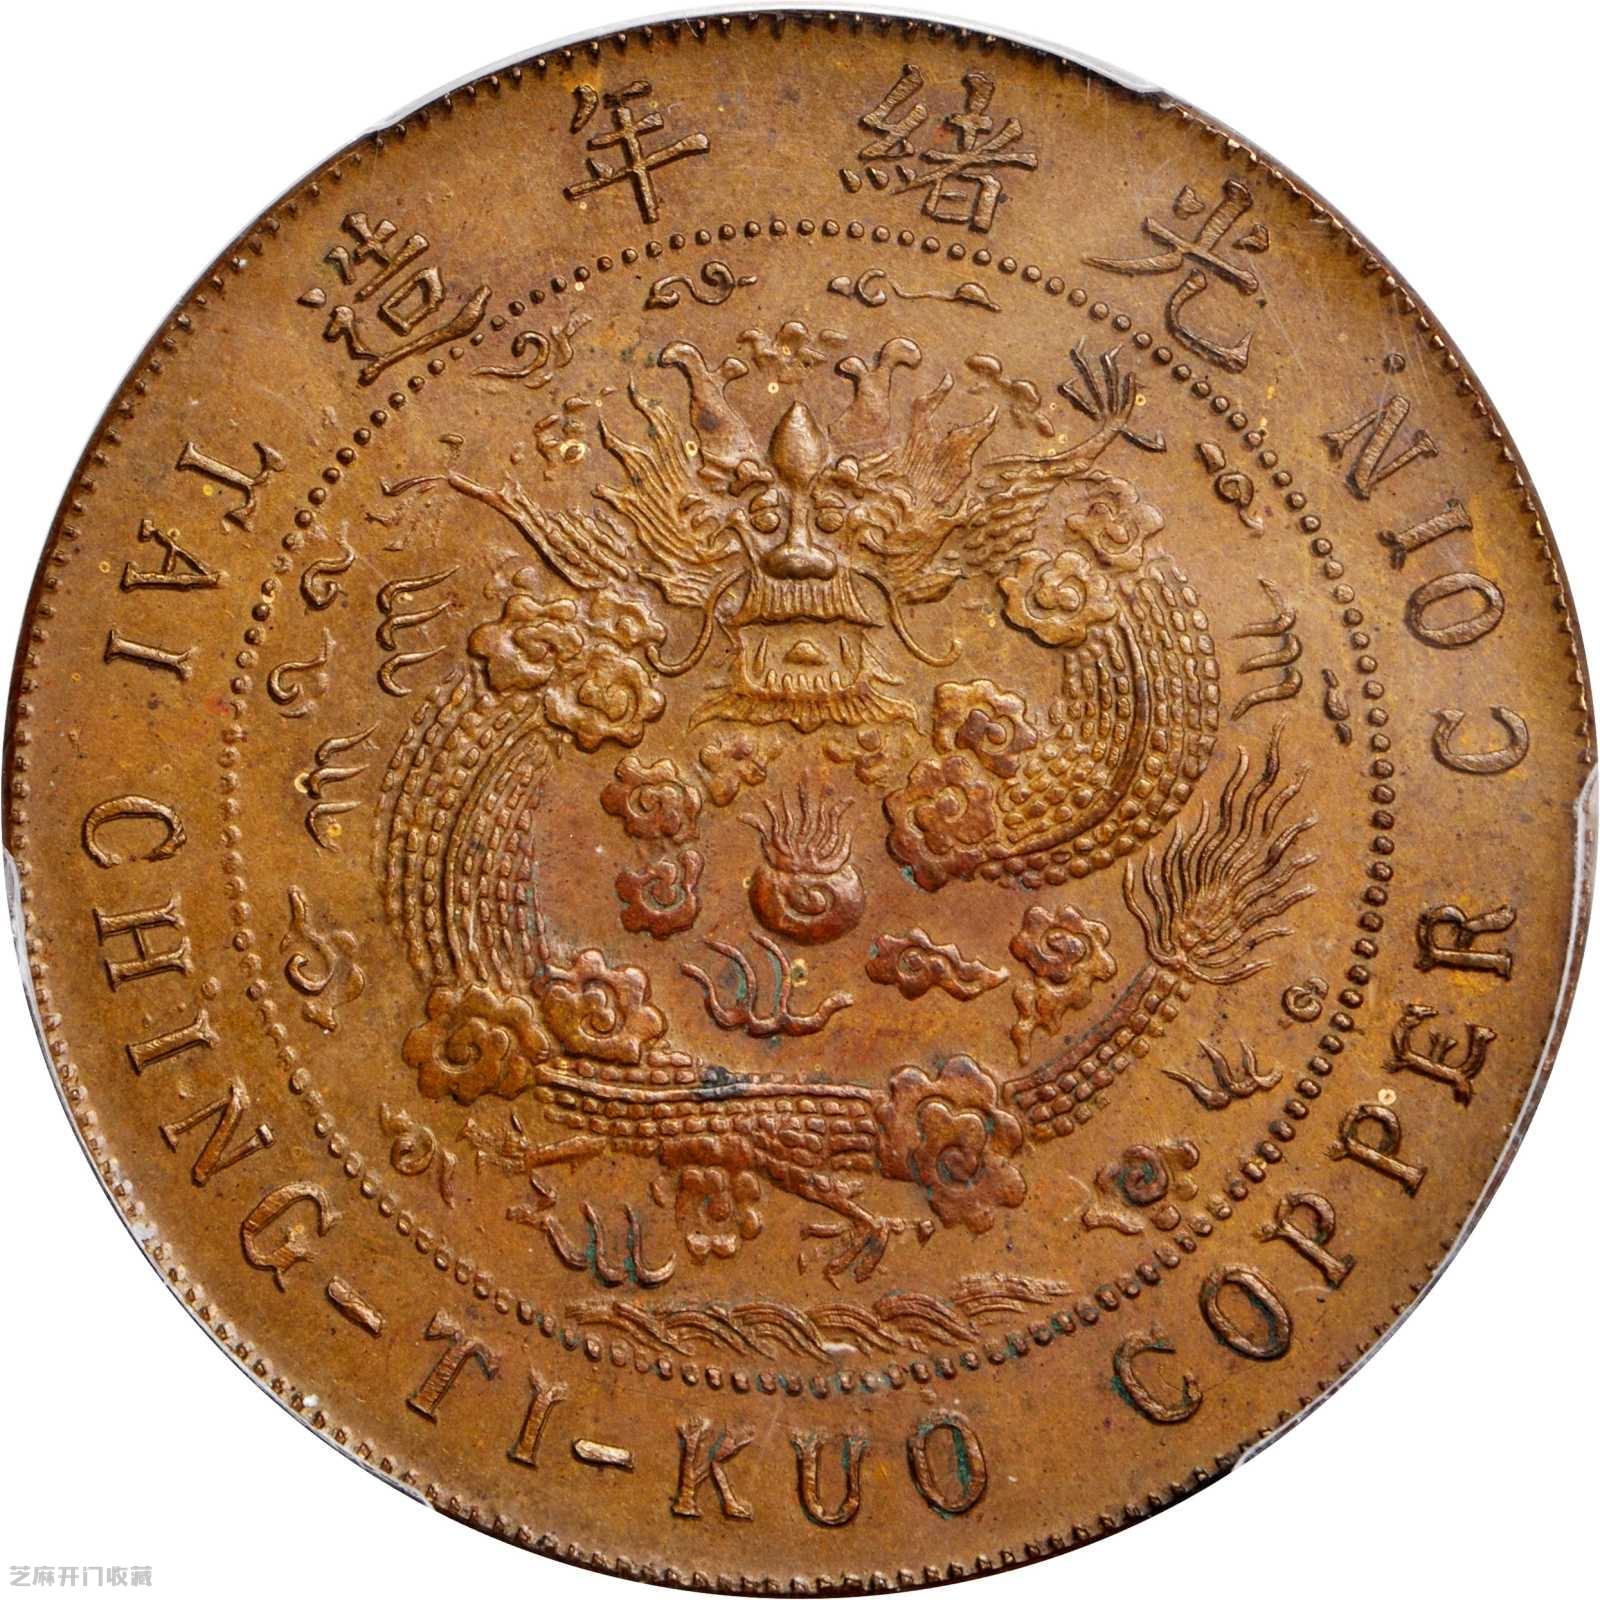 清朝铜币含有什么成分 有收藏价值吗